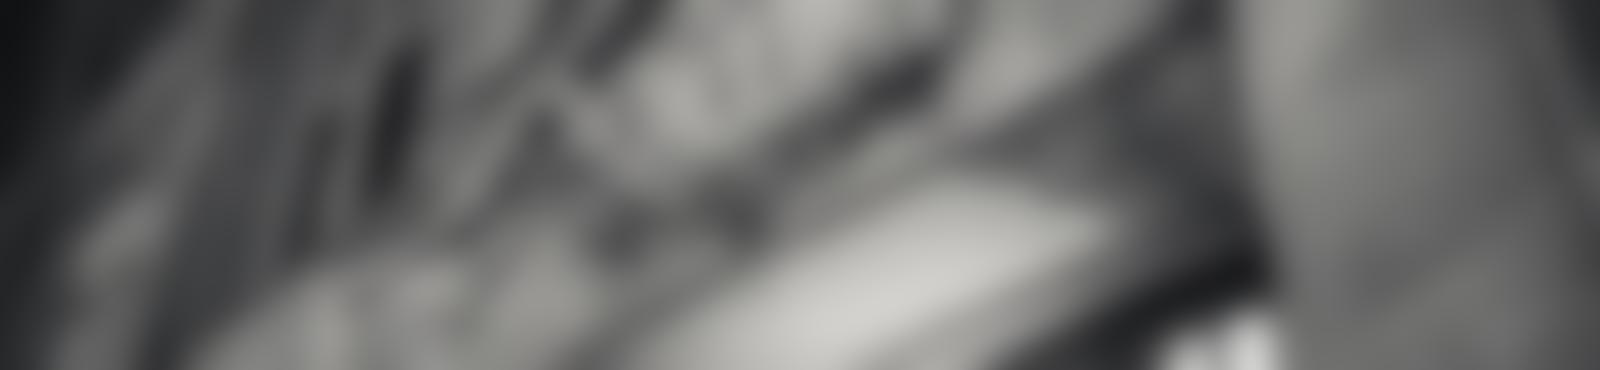 Blurred 83f460e8 98ab 4ad8 b530 d2c40647f63d